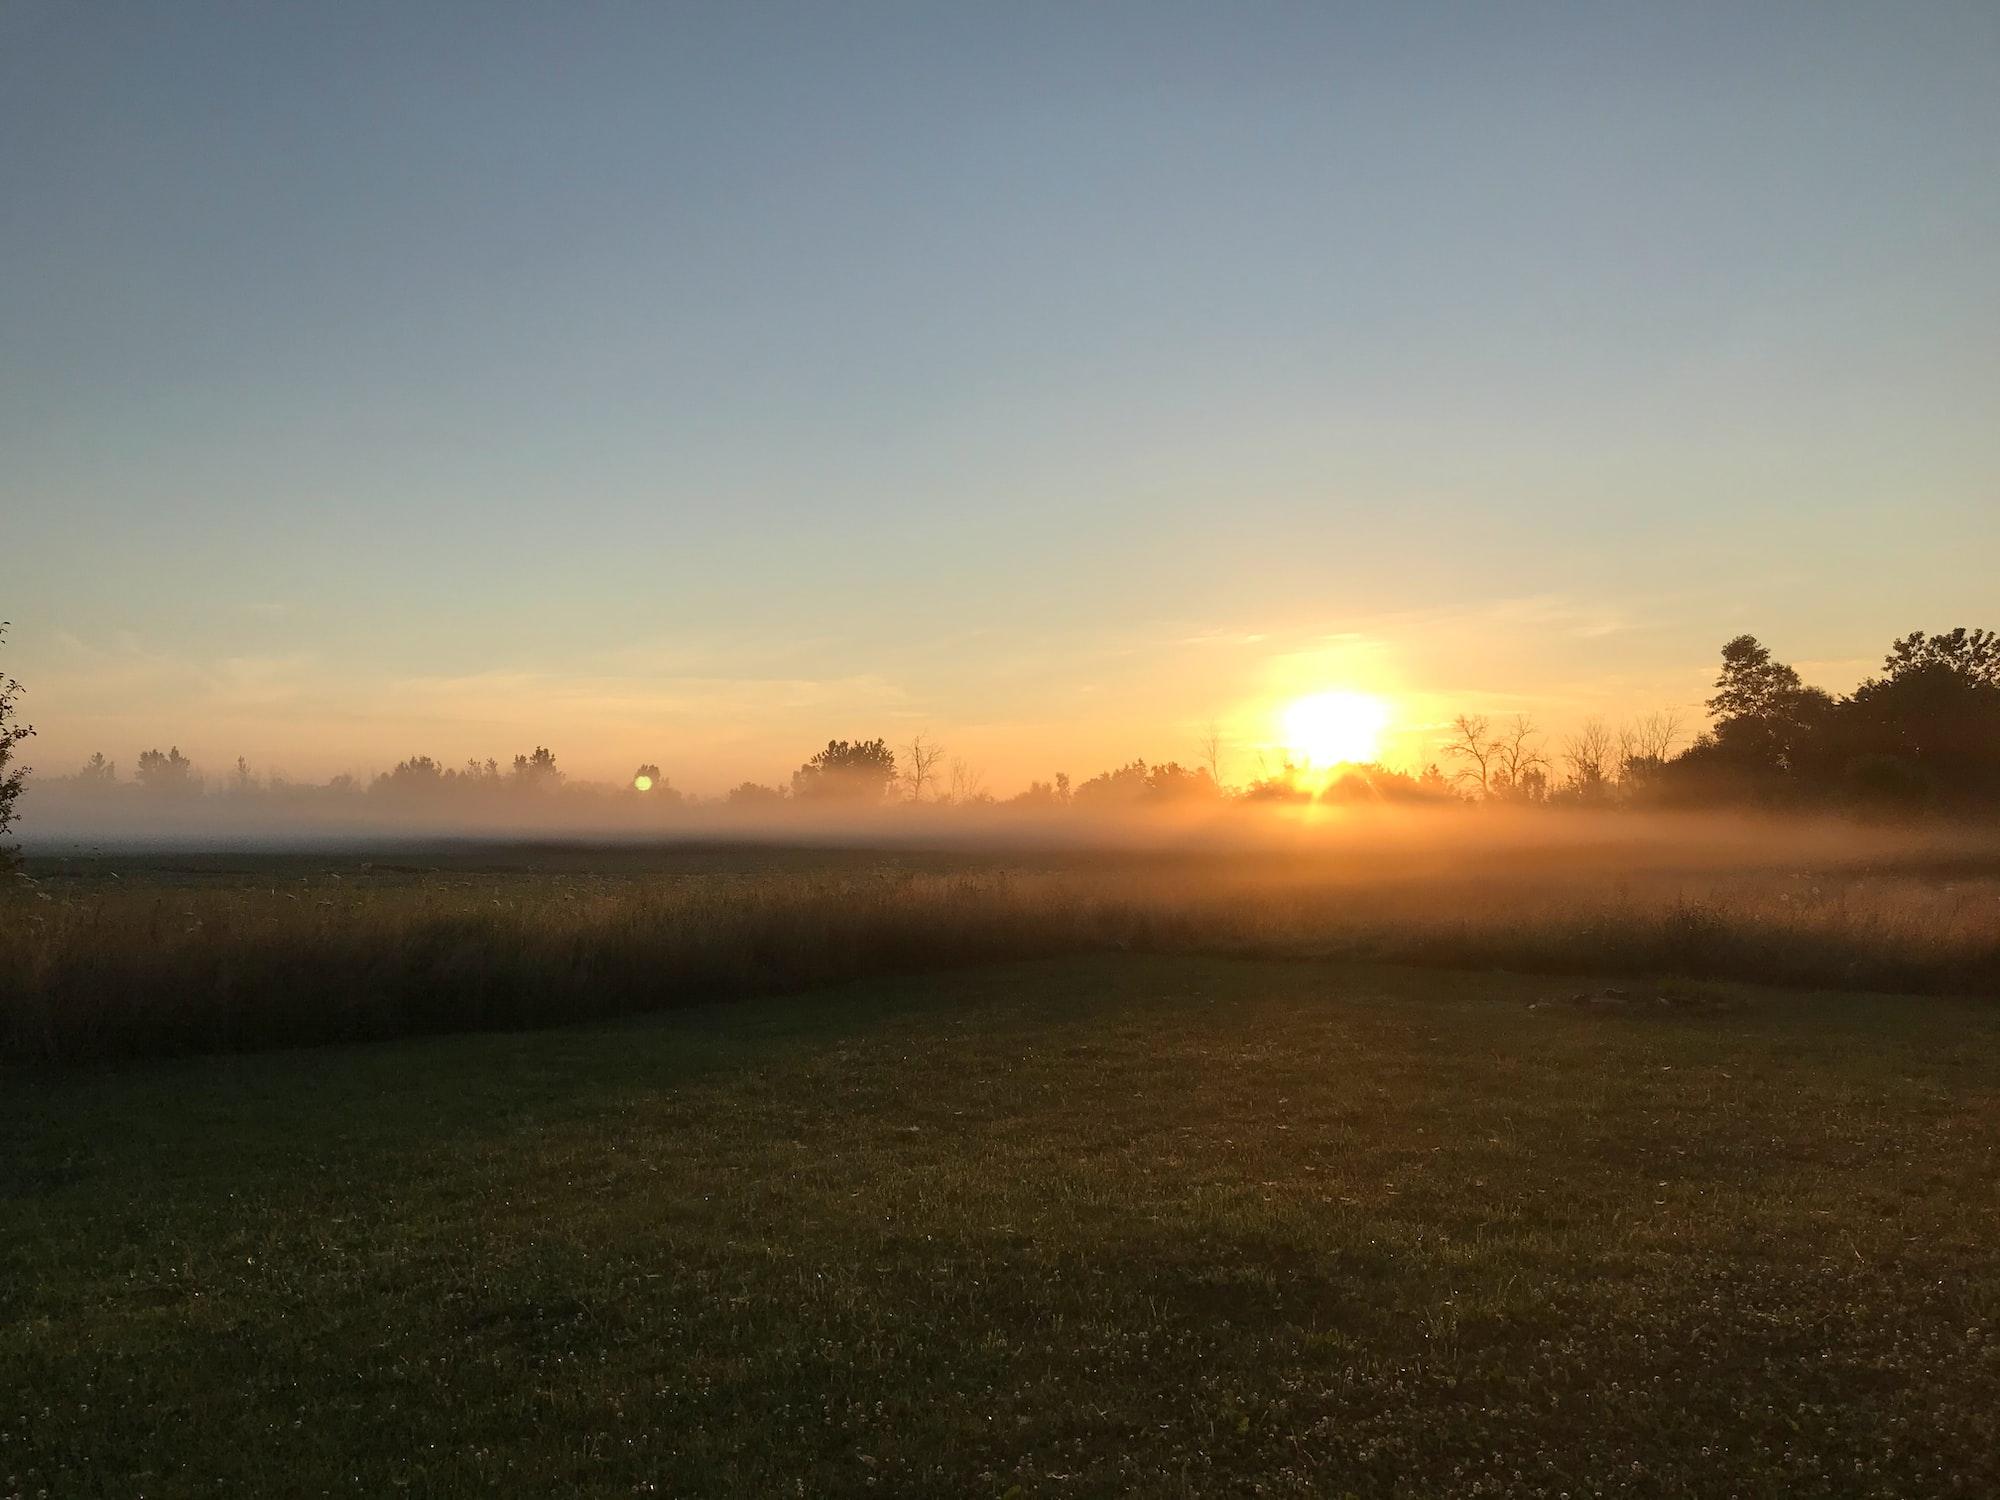 Утренний туман и солнце